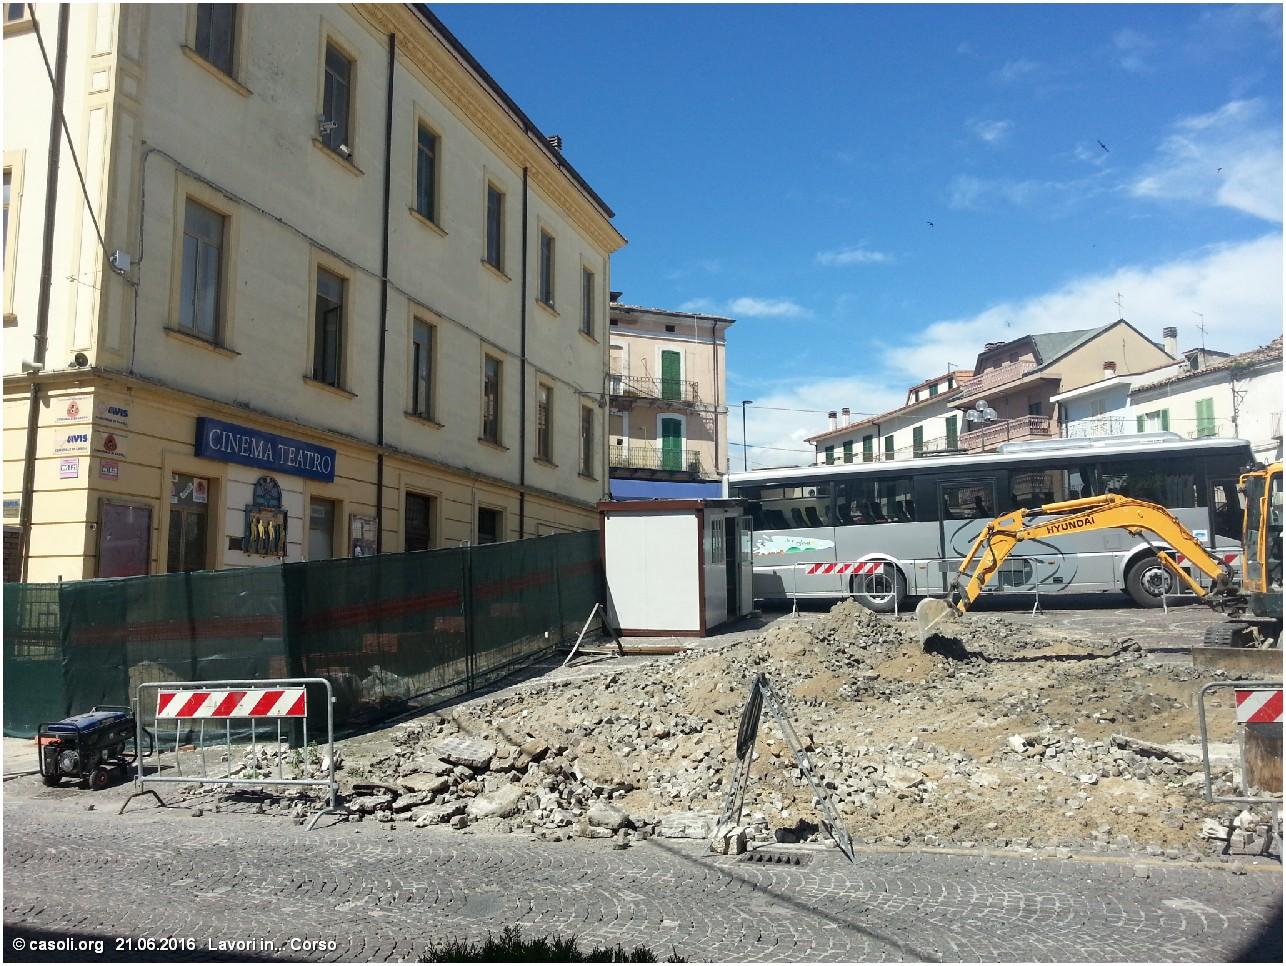 Lavori pubblici casoli 21 giugno 2016 lavori di for Lavori di manutenzione straordinaria